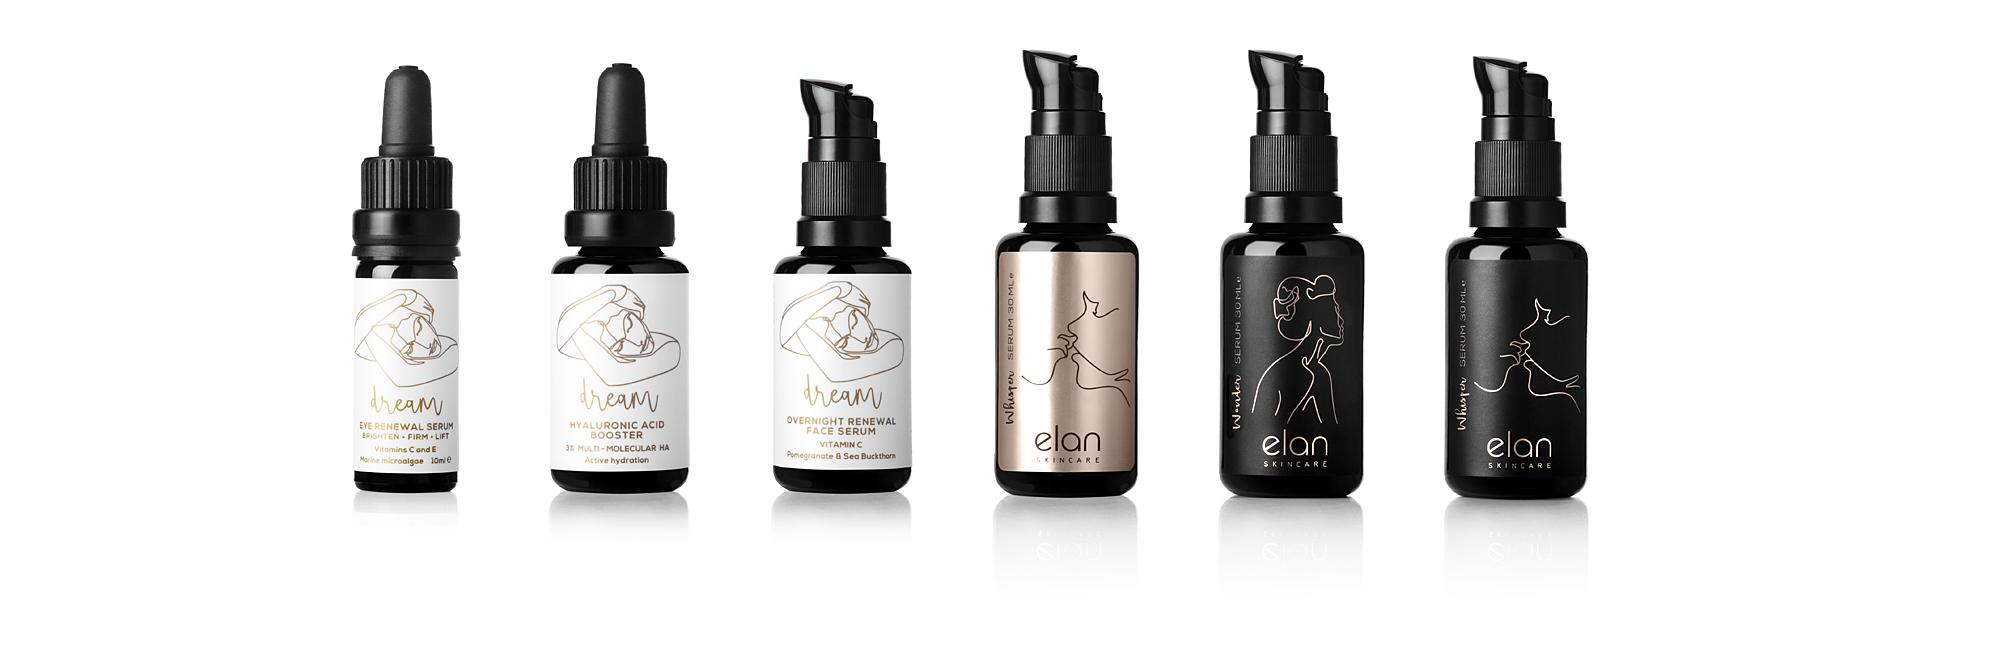 Elan Skincare